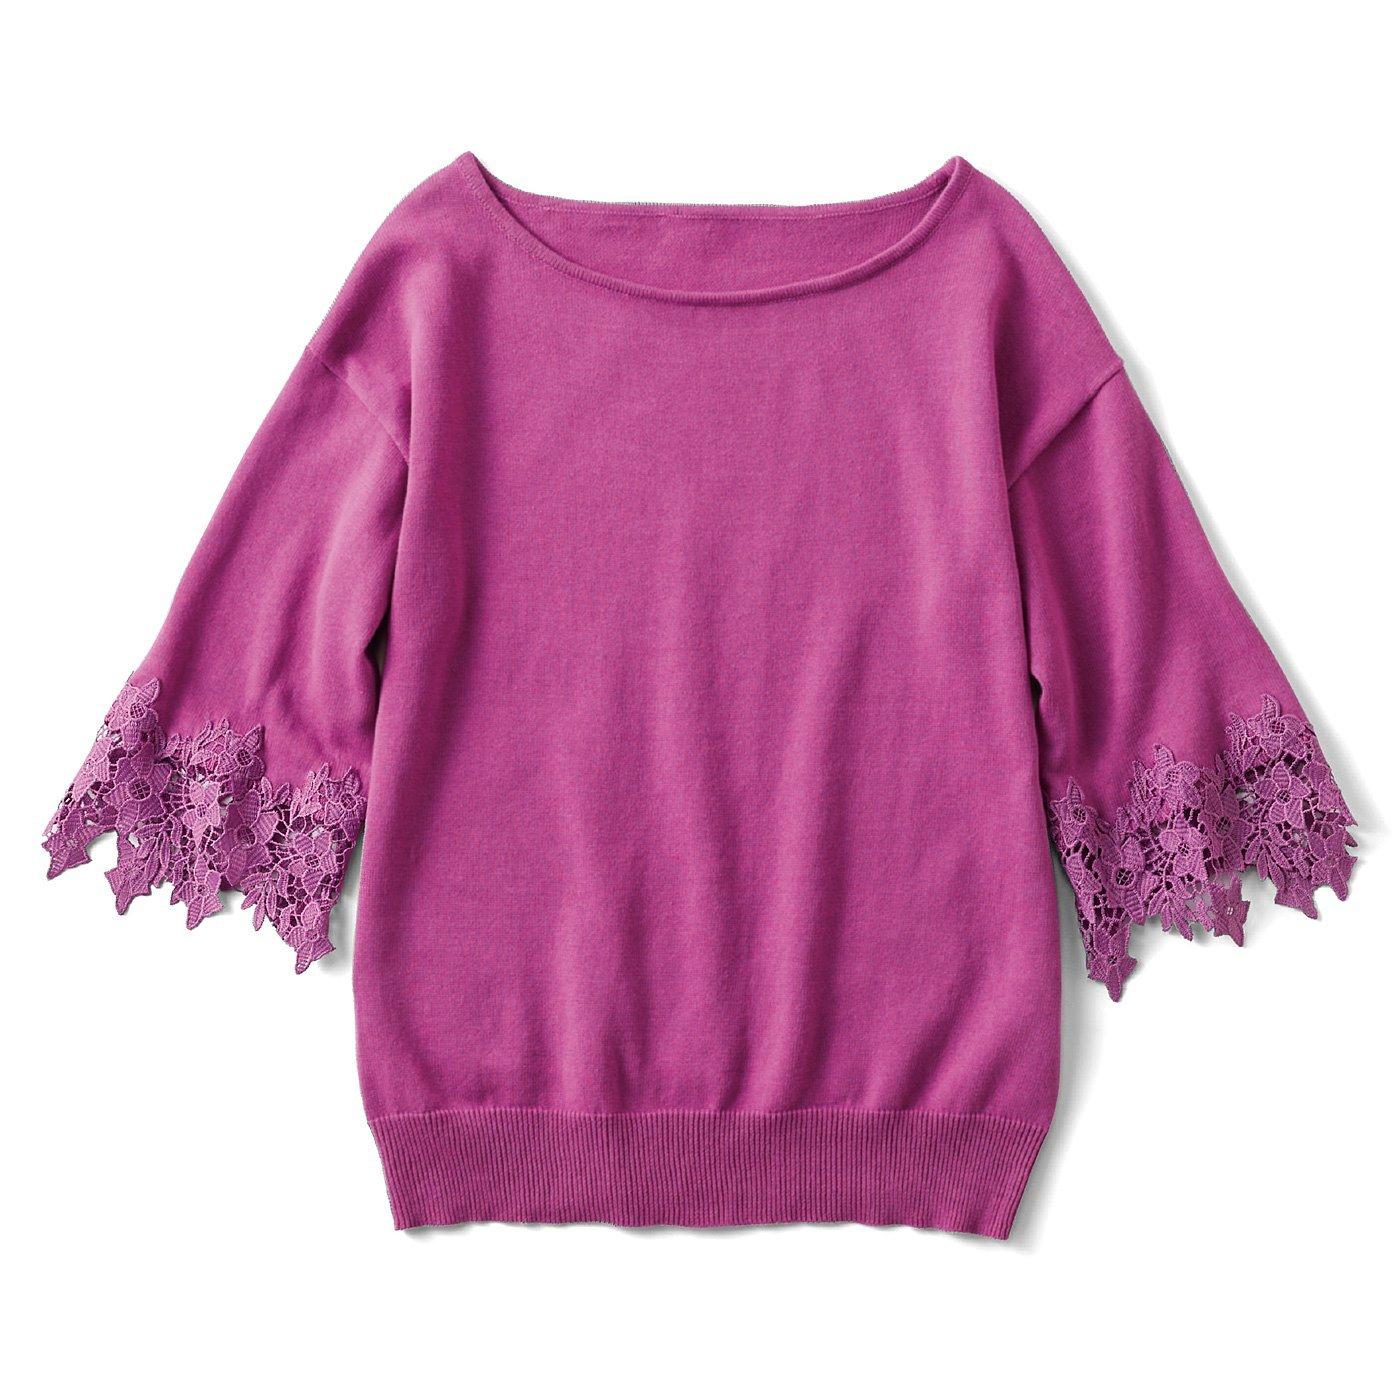 リブ イン コンフォート 着るだけパッと華やぐ 袖レース綿ニットトップス〈ピンク〉